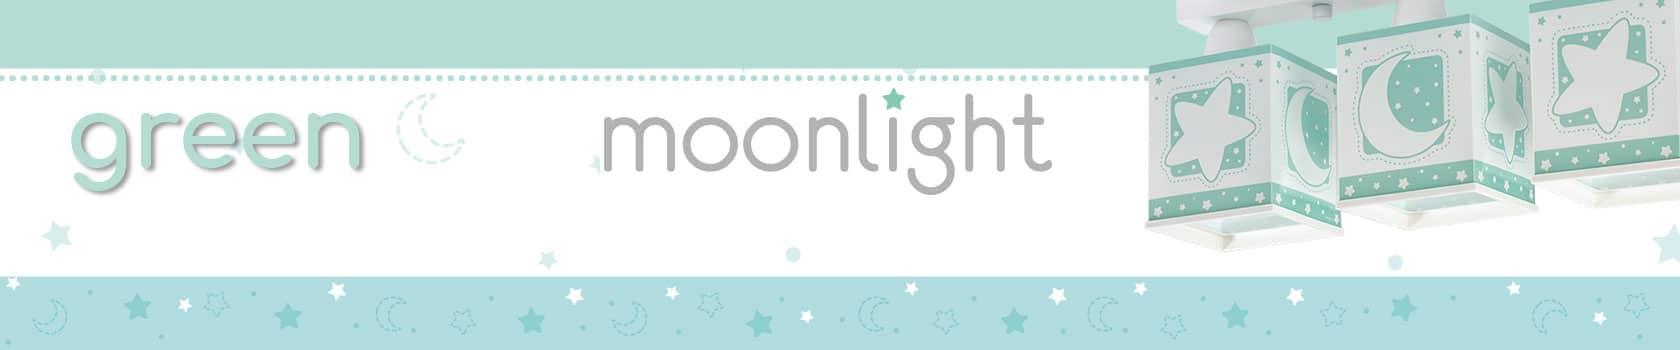 MoonLight Green